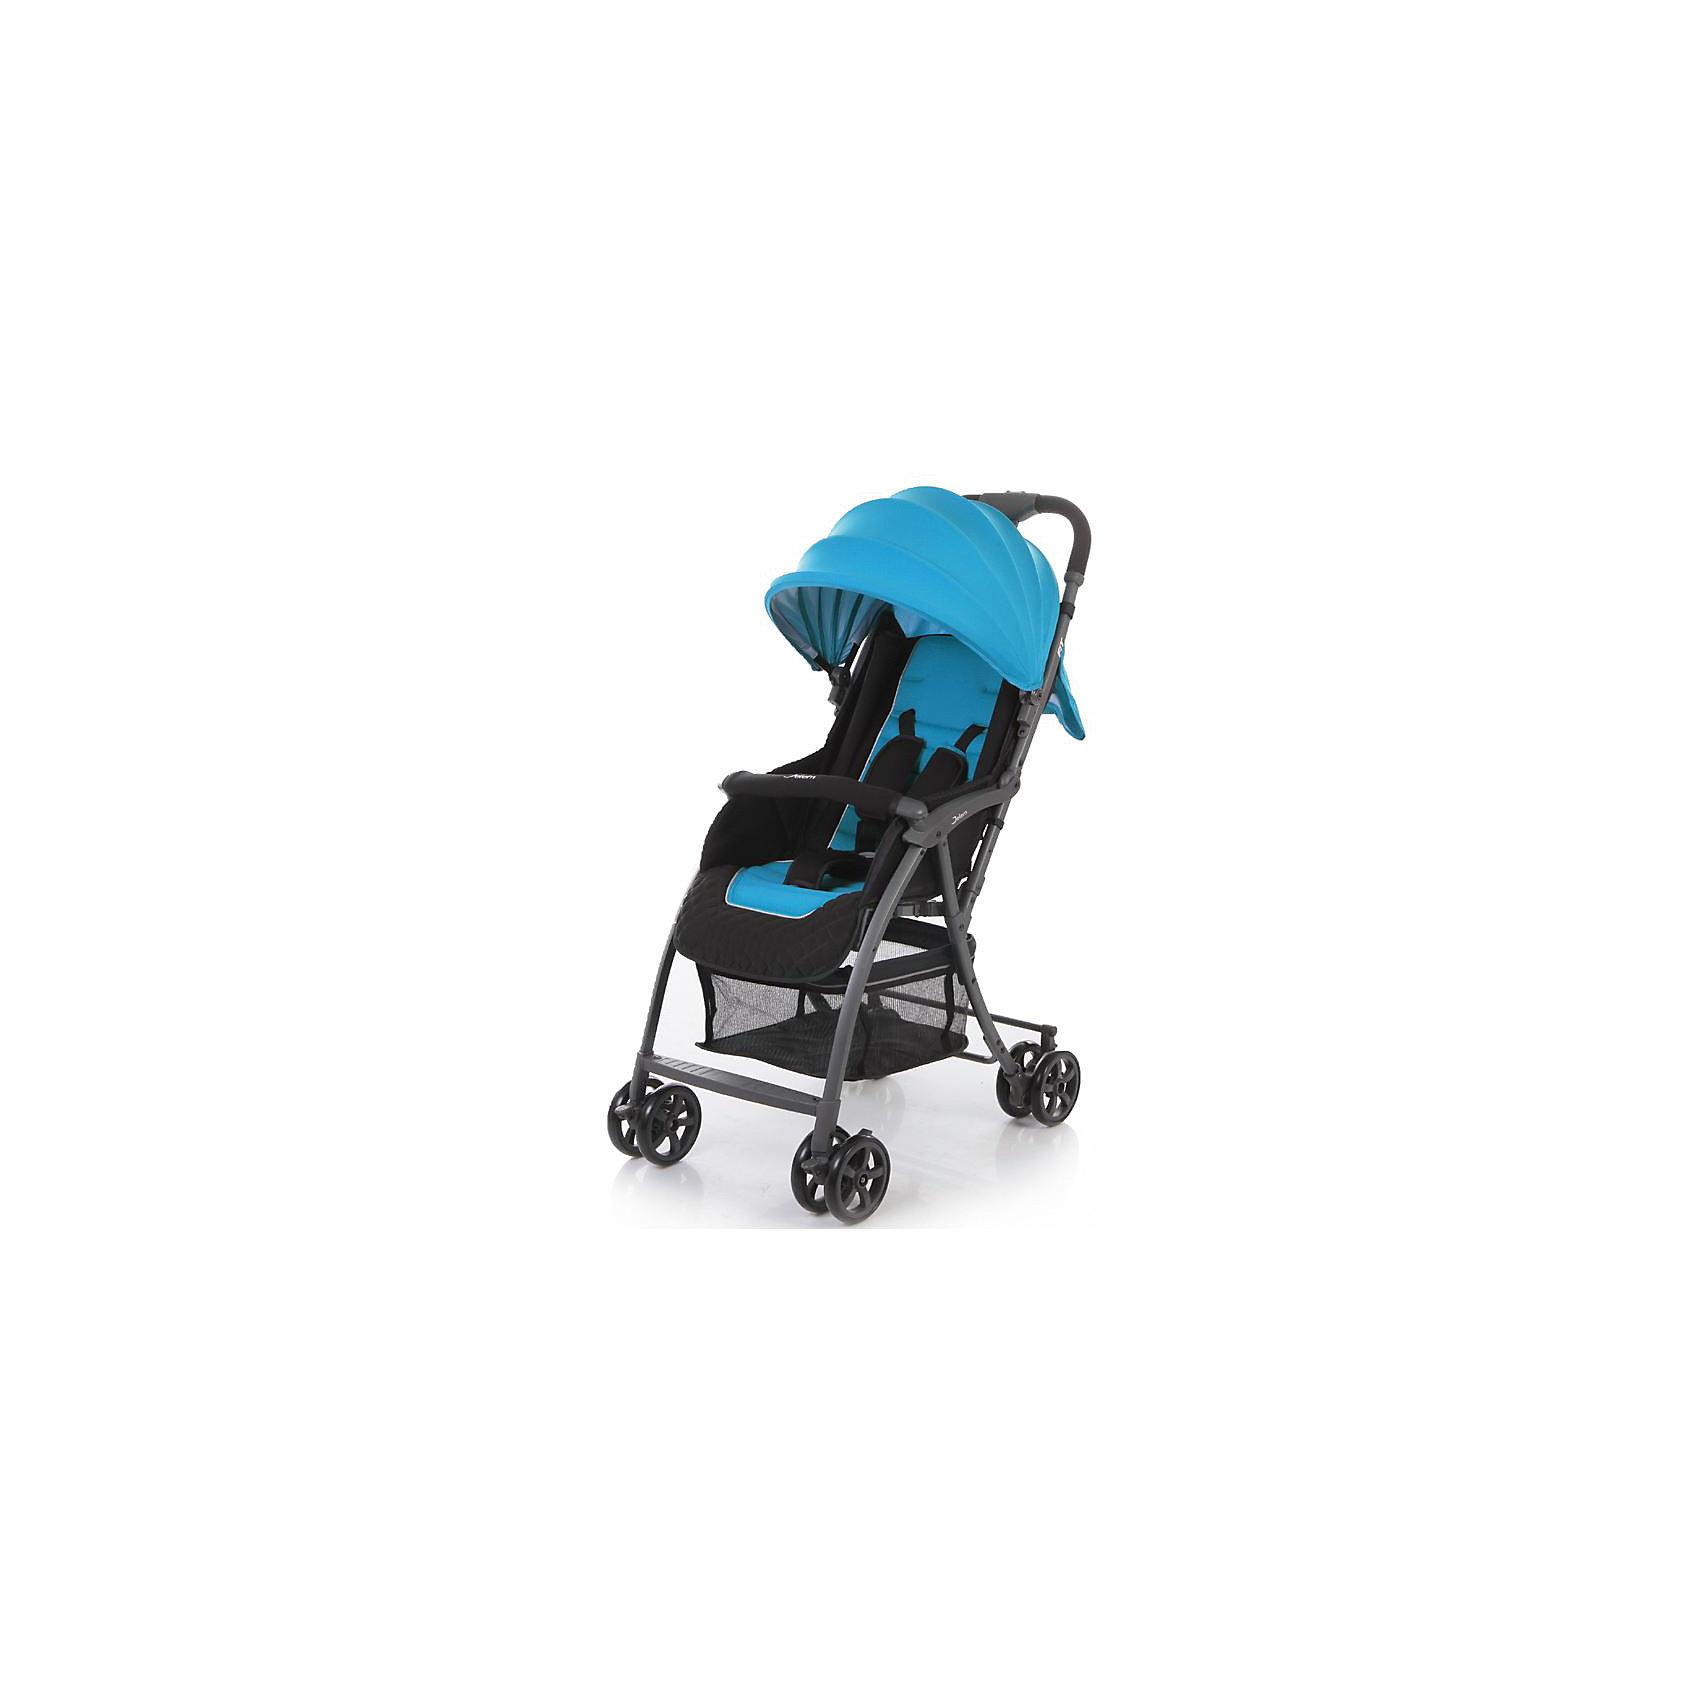 Прогулочная коляска Jetem Fit, синийПрогулочные коляски<br>Jetem Fit – уникально легкая прогулочная коляска, идеально подходящая для поездок и активного отдыха. <br>Сдвоенные колеса обеспечивают хорошую проходимость и устойчивость. Передние поворотные колеса с фиксацией - для маневренности и быстроты передвижения. Регулируемая с помощью ремня спинка и большой капюшон, раскладывающийся до бампера, позволят вашему крохе спокойно отдыхать в любой ситуации. Материал обивки мягкий и приятный на ощупь, он легко моется и быстро сохнет. 5-титочечные ремни и мягкий съемный бампер обеспечивают комфорт и безопасность даже самому активному малышу. Коляска быстро и легко складывается, в сложенном виде может самостоятельно стоять без опоры, занимает очень мало места при транспортировке и хранении. <br><br>Дополнительная информация:<br><br>- Механизм складывания: книжка.<br>- Комплектация: коляска, чехол на ножки.<br>- Материал: металл, пластик, текстиль, резина.<br>- Размер: 59х45х100 см<br>- Размер в сложенном виде: 27х45х91 см.<br>- Размер колесной базы: 59 см.<br>- Ширина сиденья: 32 см.<br>- Вес: 4,15 кг<br>- Количество колес: 4 (сдвоенные).<br>- Диаметр колес: 12,7 см.<br>- Цвет: синий.<br>- Передние колеса поворотные, с возможностью блокировки.<br>- Стояночный тормоз.<br>- 5-ти точечные ремни безопасности.<br>- Съемный бампер.<br>- Регулировка спинки в 3 положениях. <br>- Регулируемая подножка.<br>- Солнцезащитный козырек.<br>- Вместительная корзина для покупок.<br><br>Прогулочную коляску Fit, Jetem (Жетем), синюю, можно купить в нашем магазине.<br><br>Ширина мм: 1000<br>Глубина мм: 450<br>Высота мм: 270<br>Вес г: 6400<br>Цвет: синий<br>Возраст от месяцев: 6<br>Возраст до месяцев: 36<br>Пол: Унисекс<br>Возраст: Детский<br>SKU: 3995825